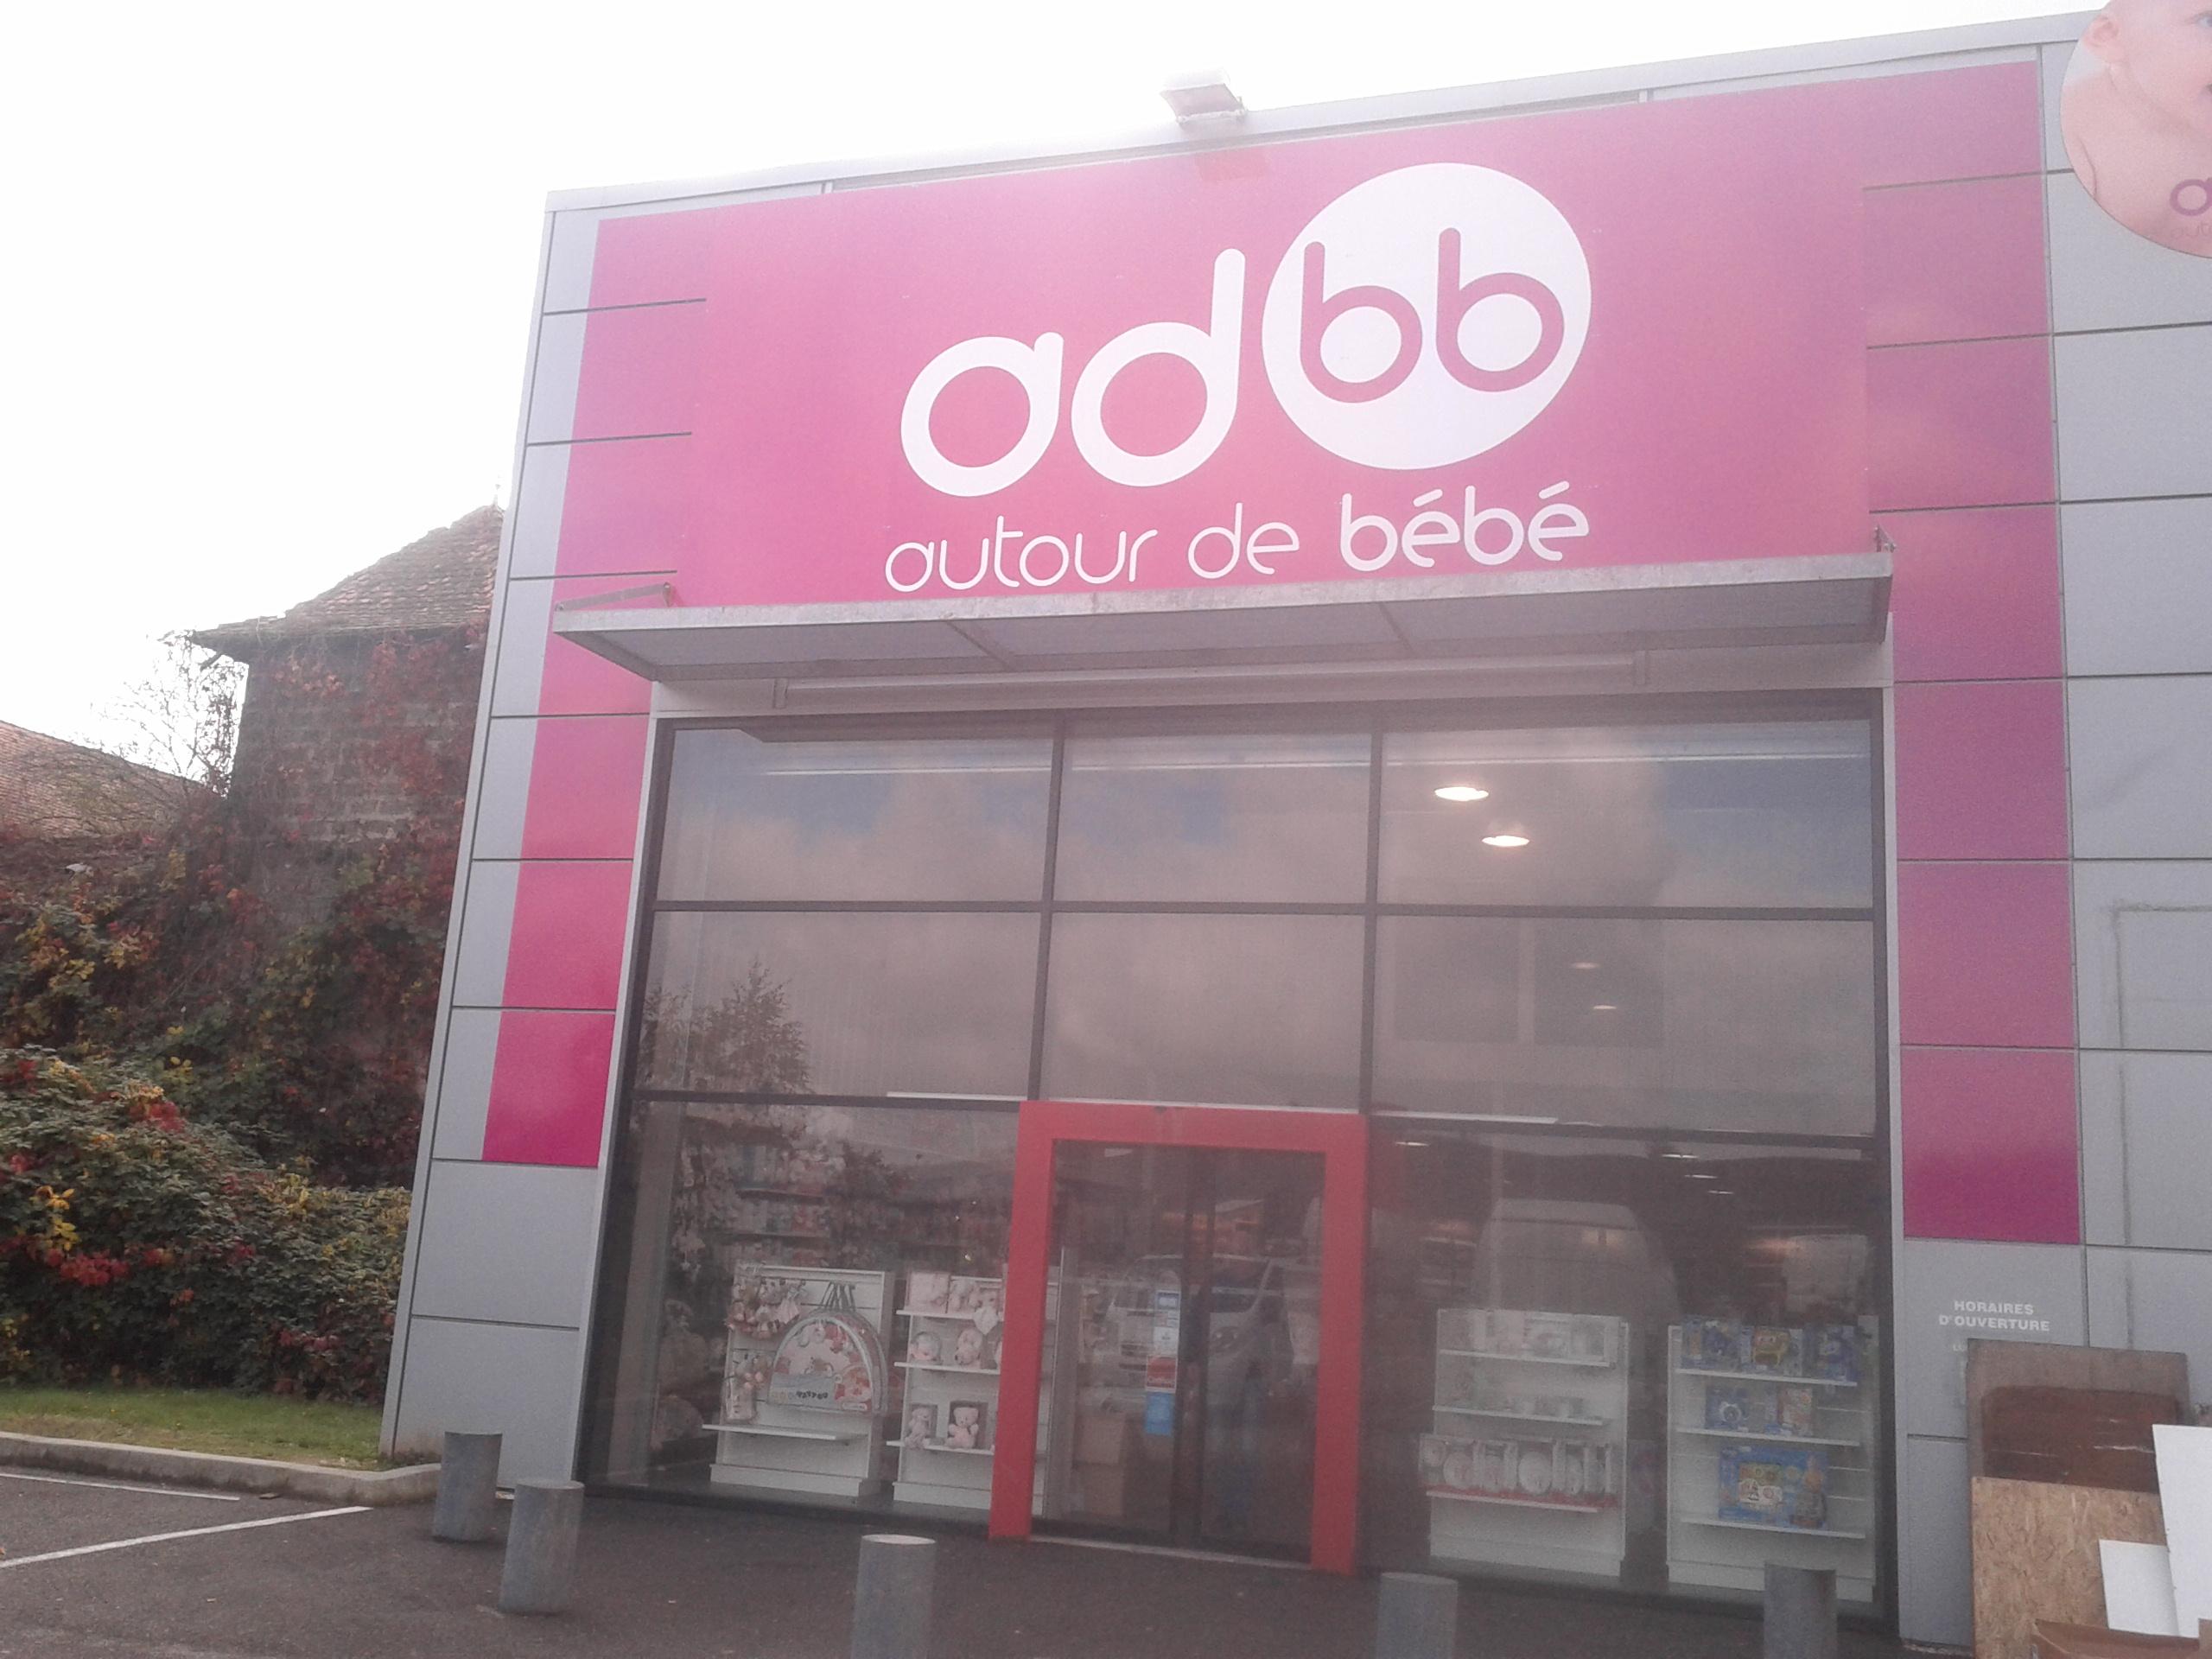 Ouverture autour de b b bourgoin amopi l 39 informatique for Autour de bebe portet